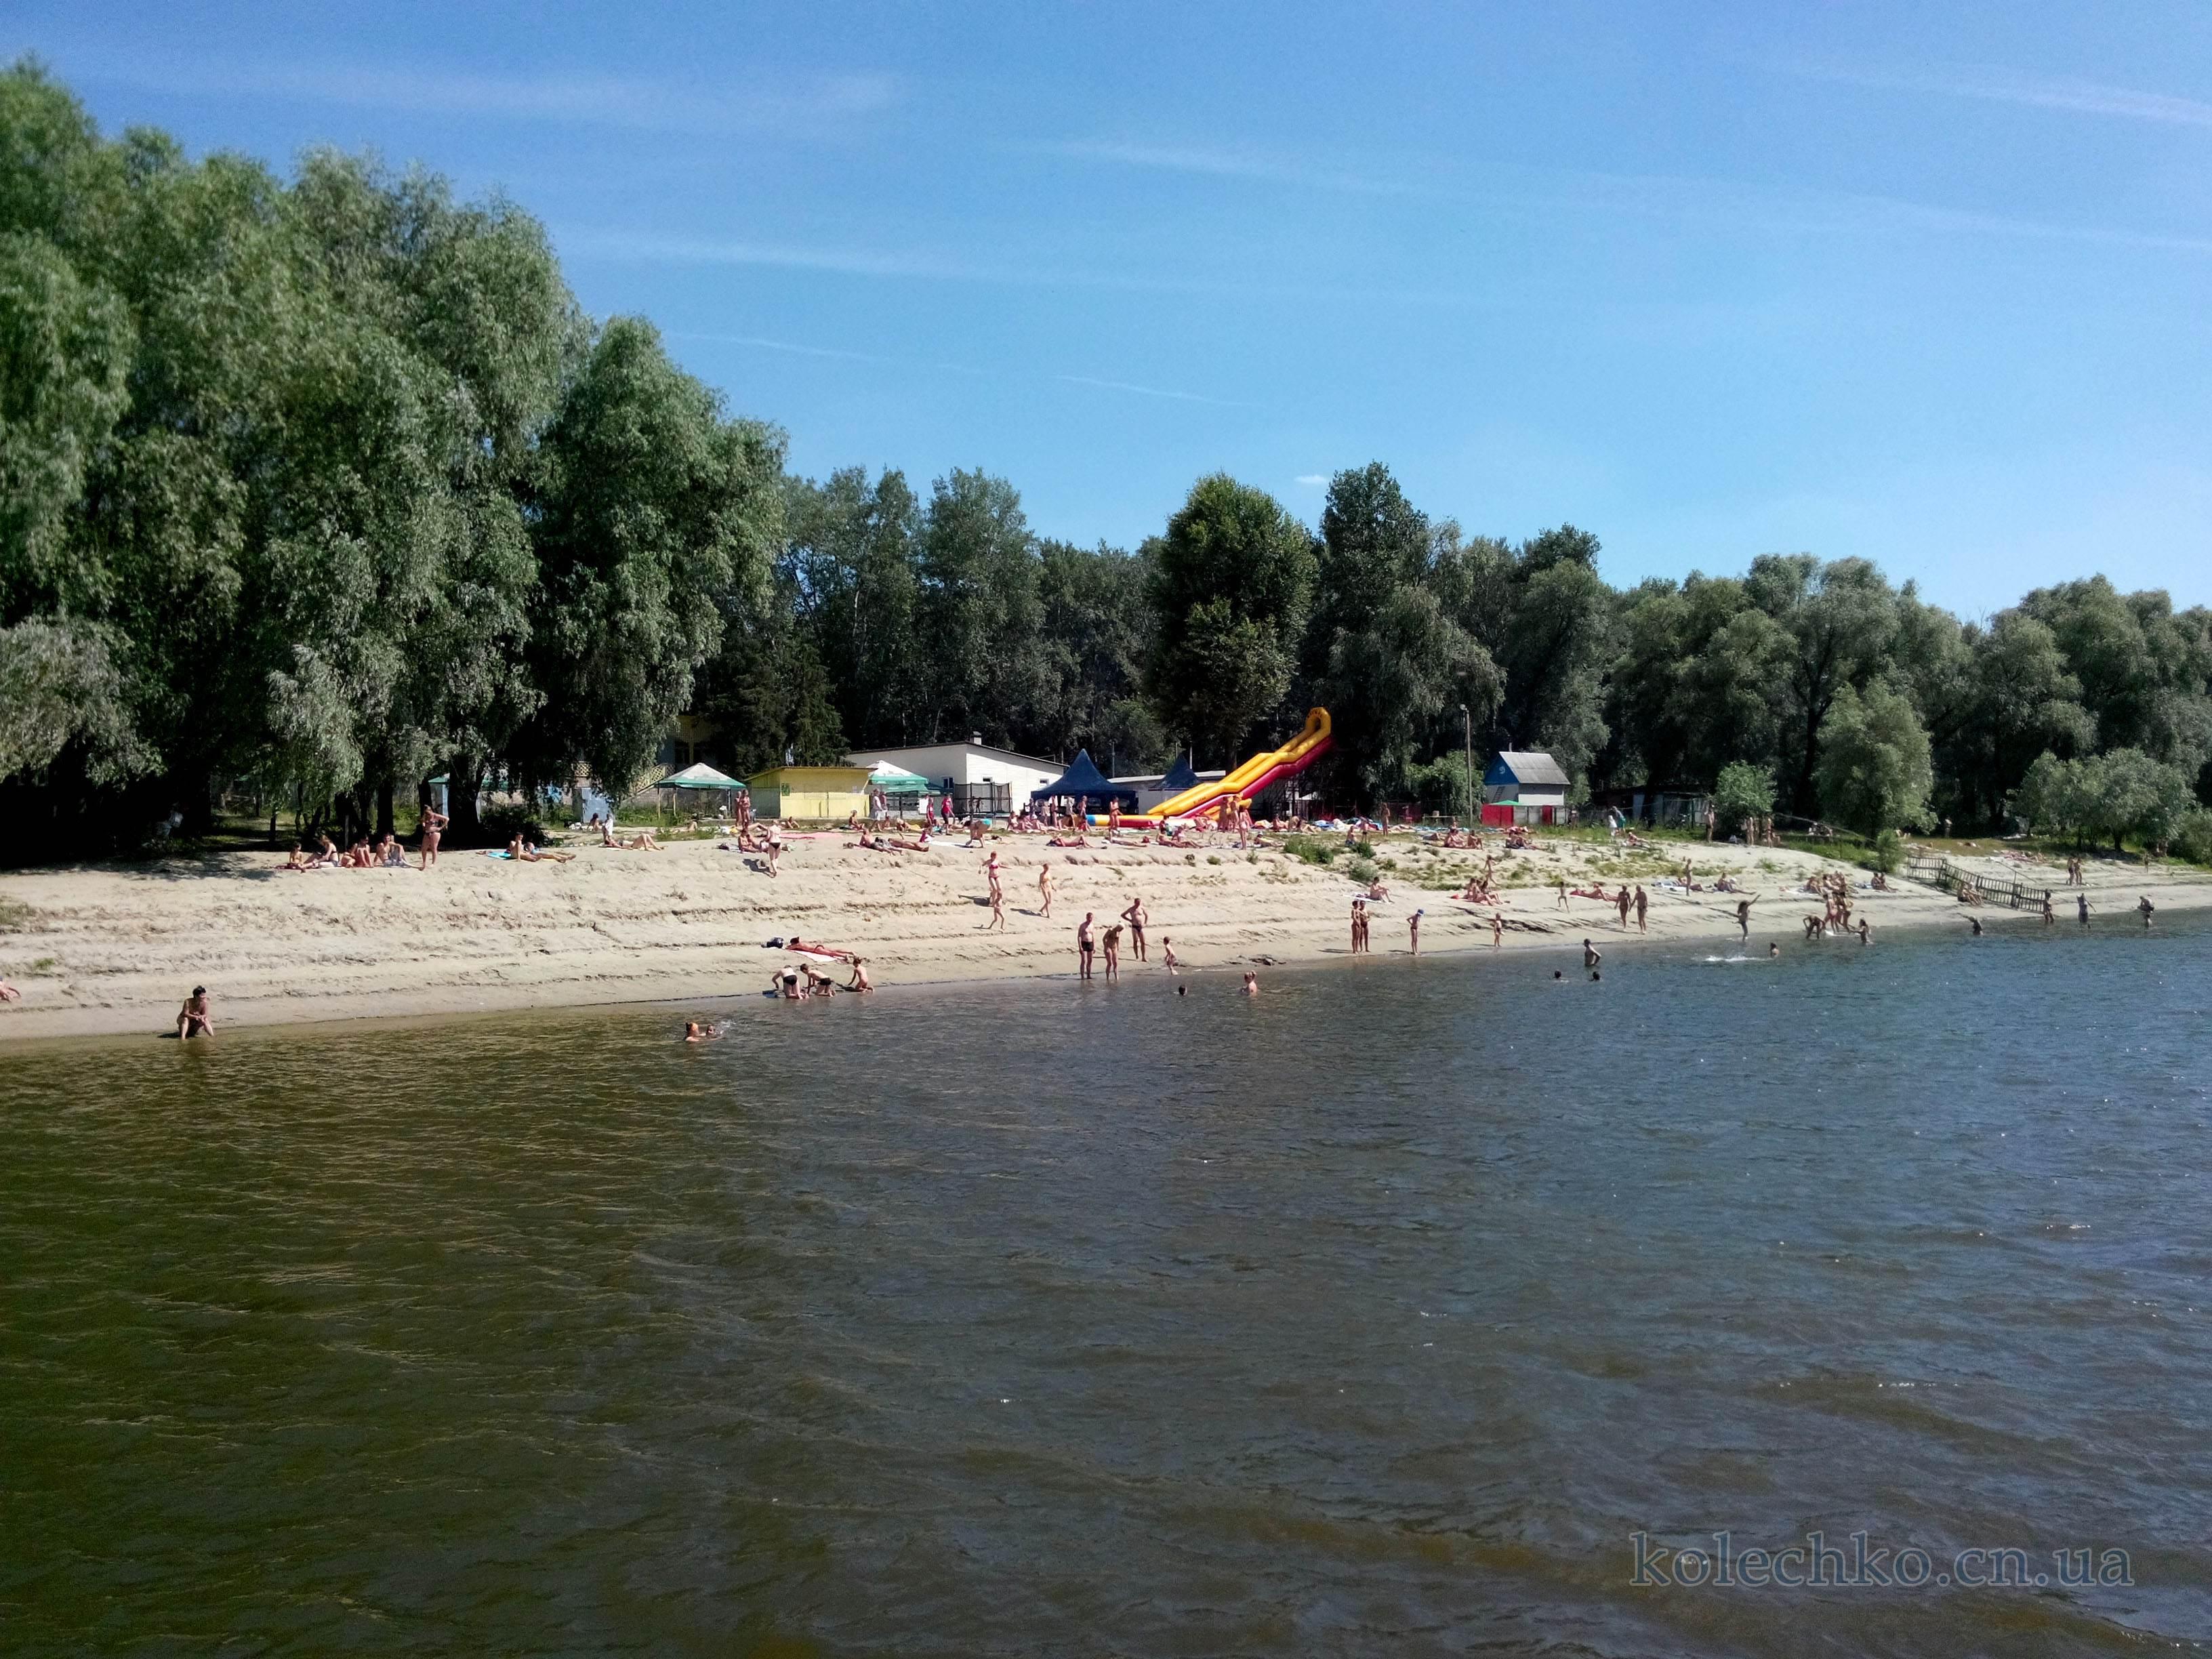 пляж не реке Десна в Чернигове